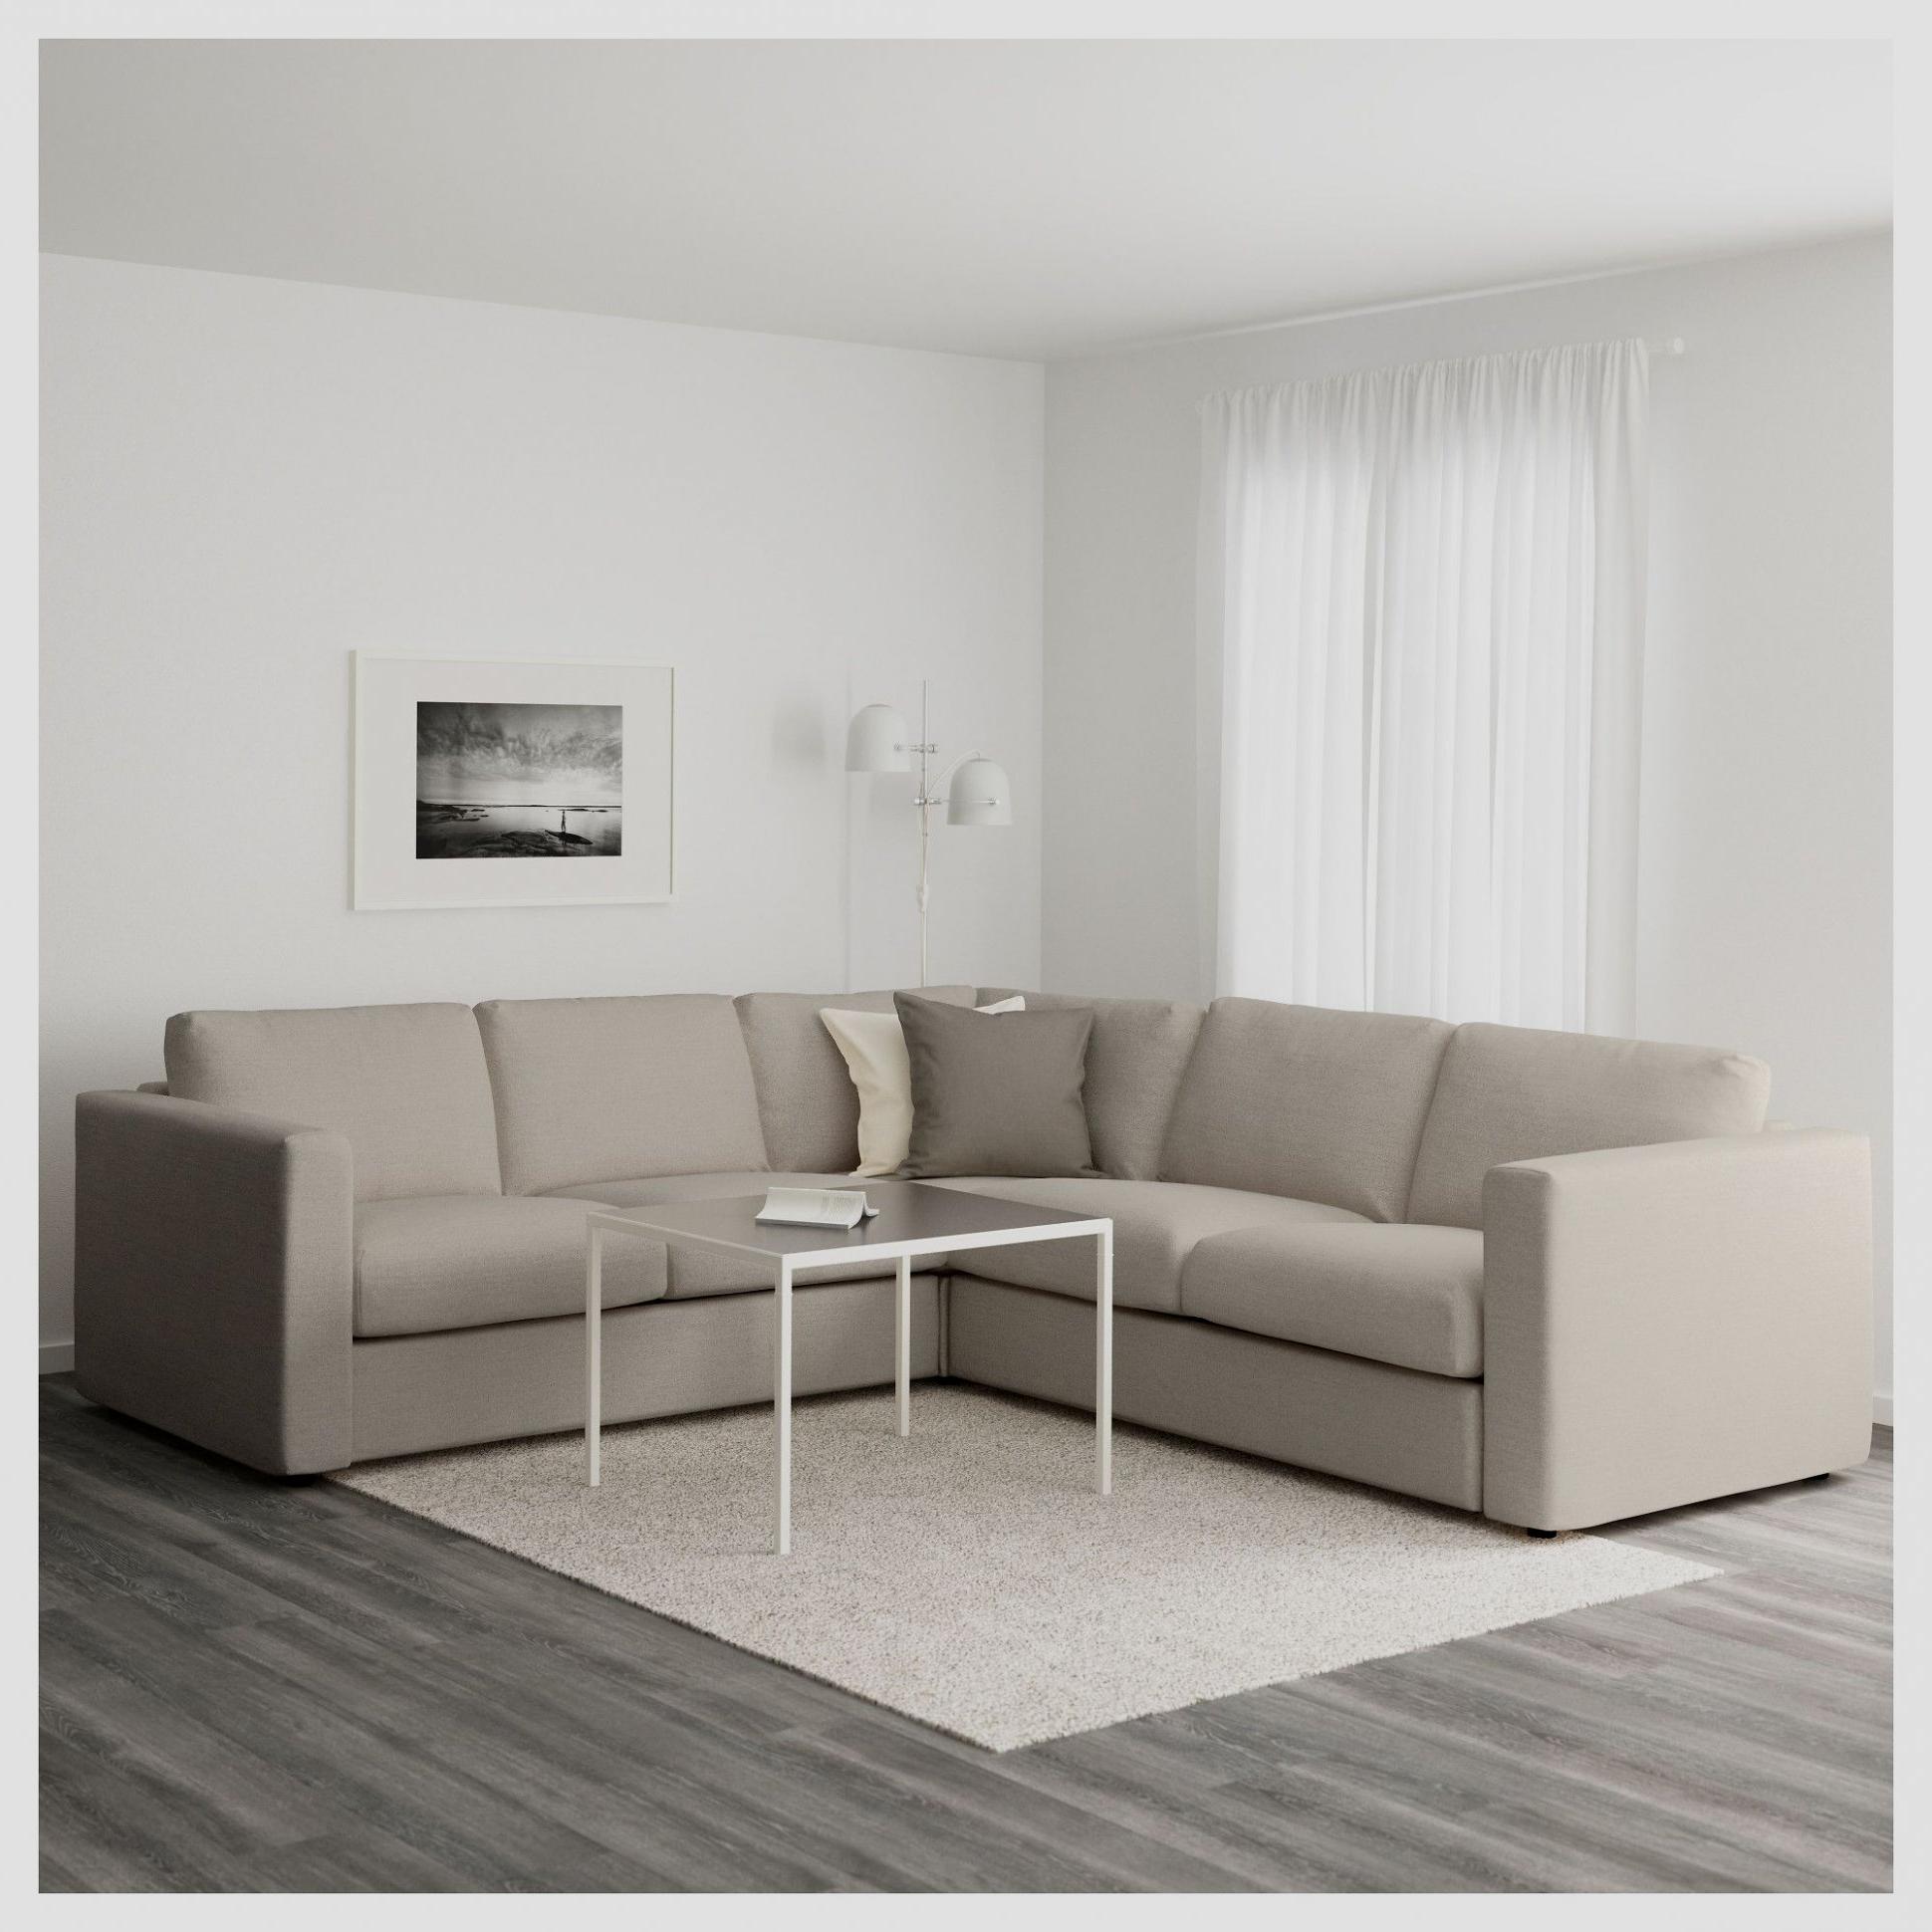 Sofas Modulares Ikea Ffdn sofas Rinconeras Modulares Agradable Ikea Vimle Sectional 4